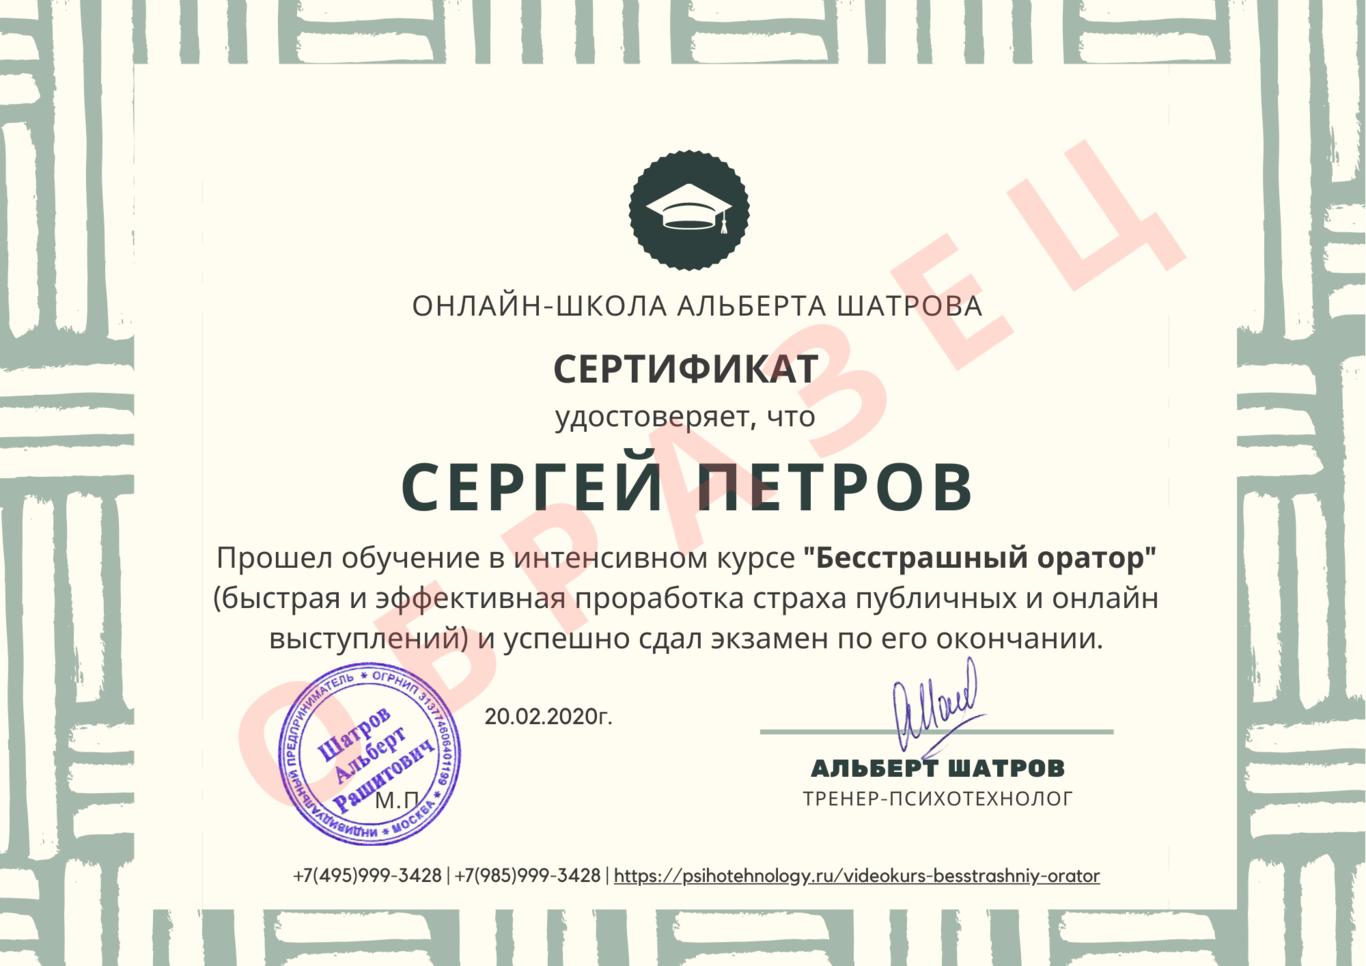 Сертификат Бесстрашного оратора